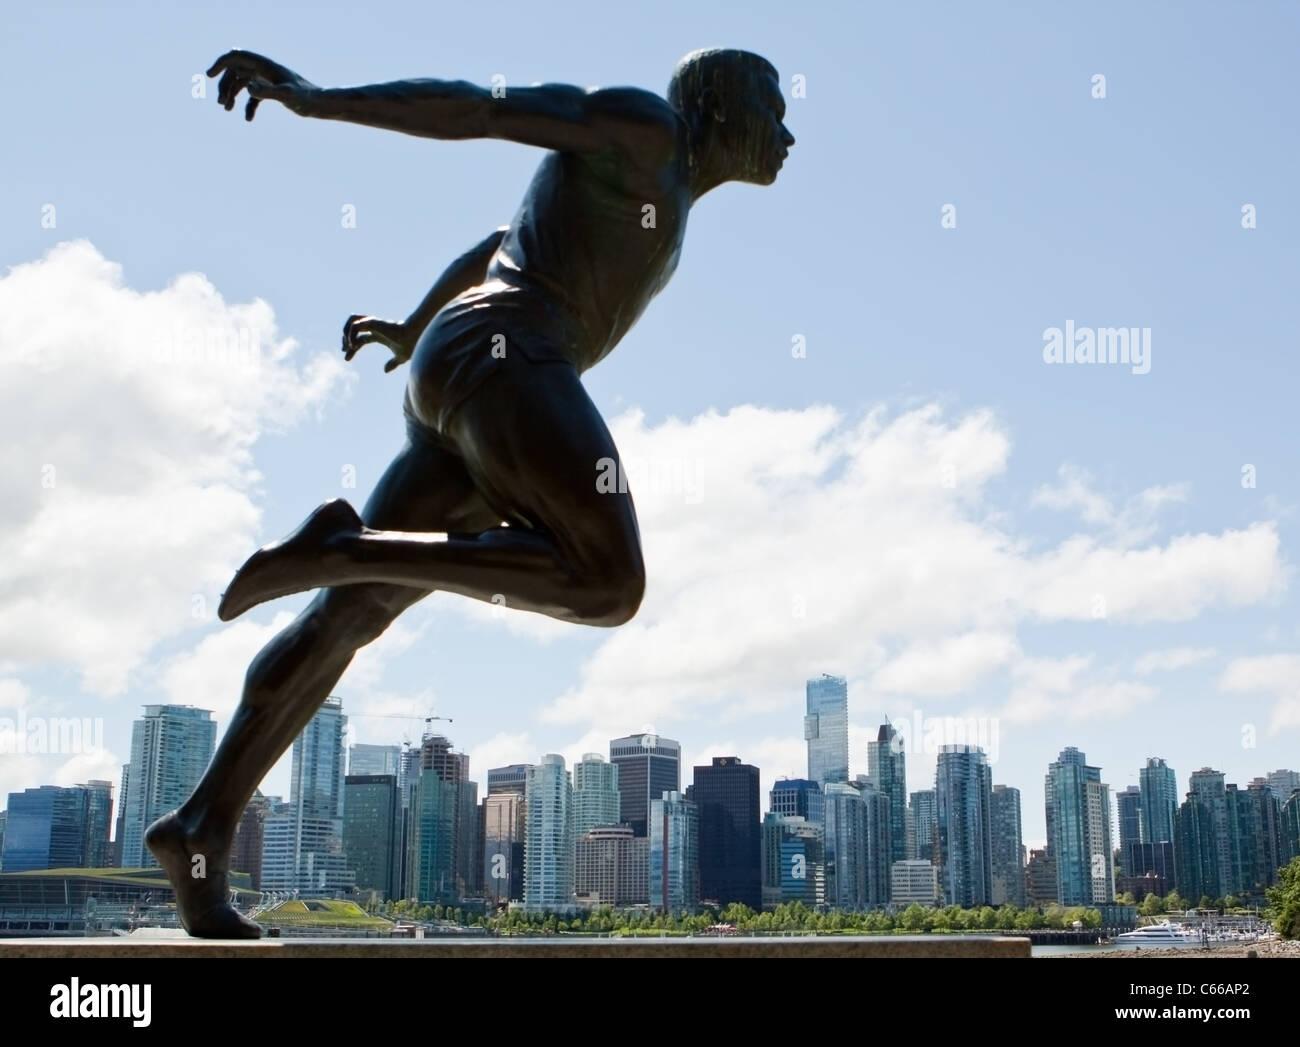 Statua di bronzo di pista e campo sportivo Harry W Jerome a Stanley Park a Vancouver in Canada Immagini Stock